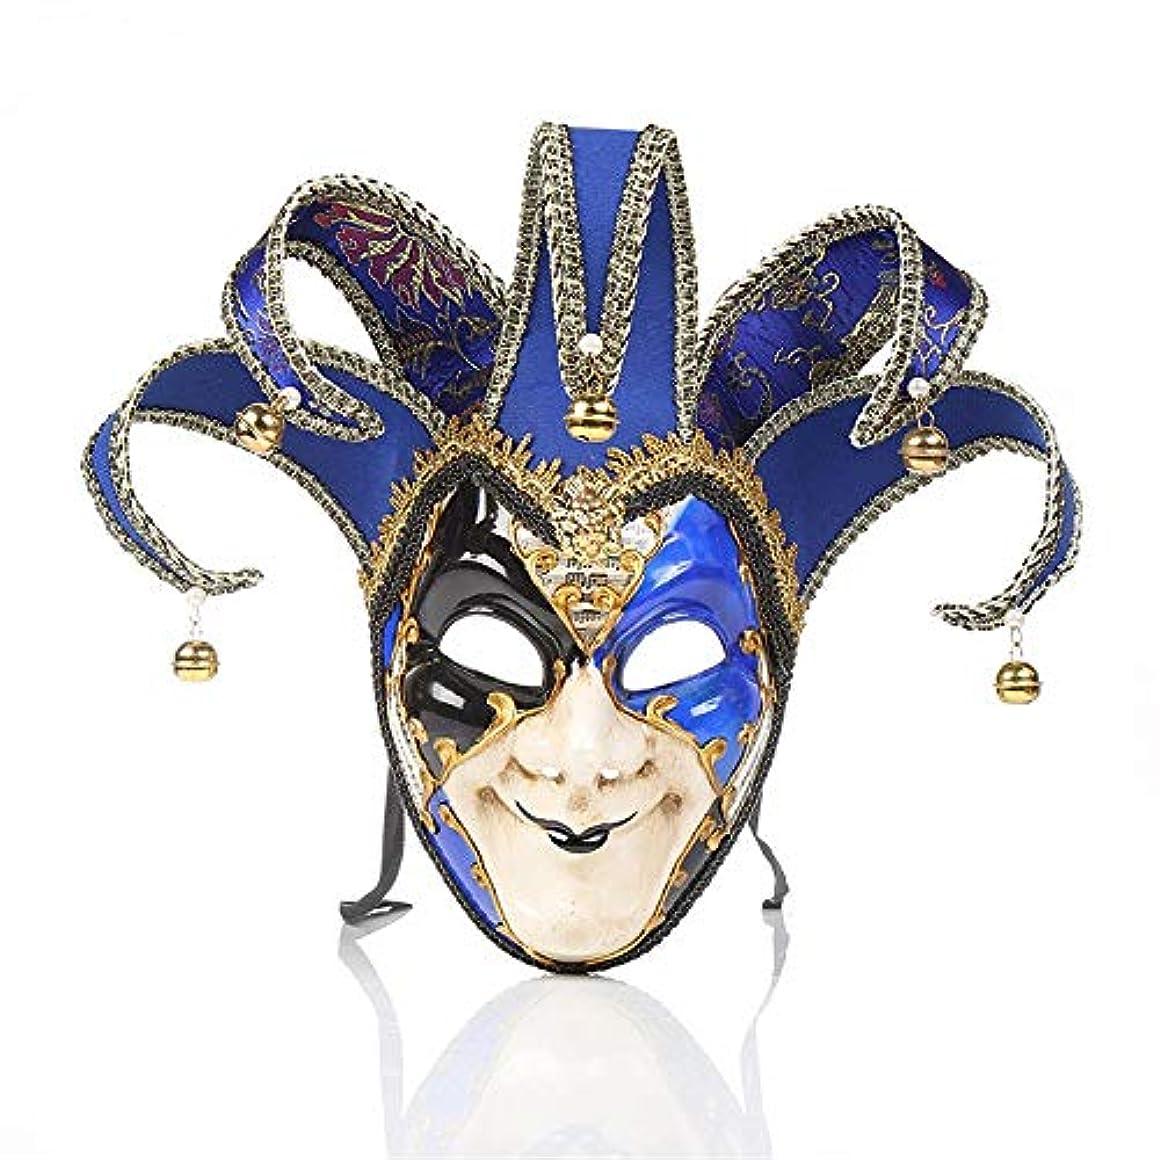 ライセンス外観丘ダンスマスク ピエロマスクハロウィーンパフォーマンスパフォーマンス仮面舞踏会雰囲気用品祭りロールプレイングプラスチックマスク パーティーボールマスク (色 : 青, サイズ : 39x33cm)